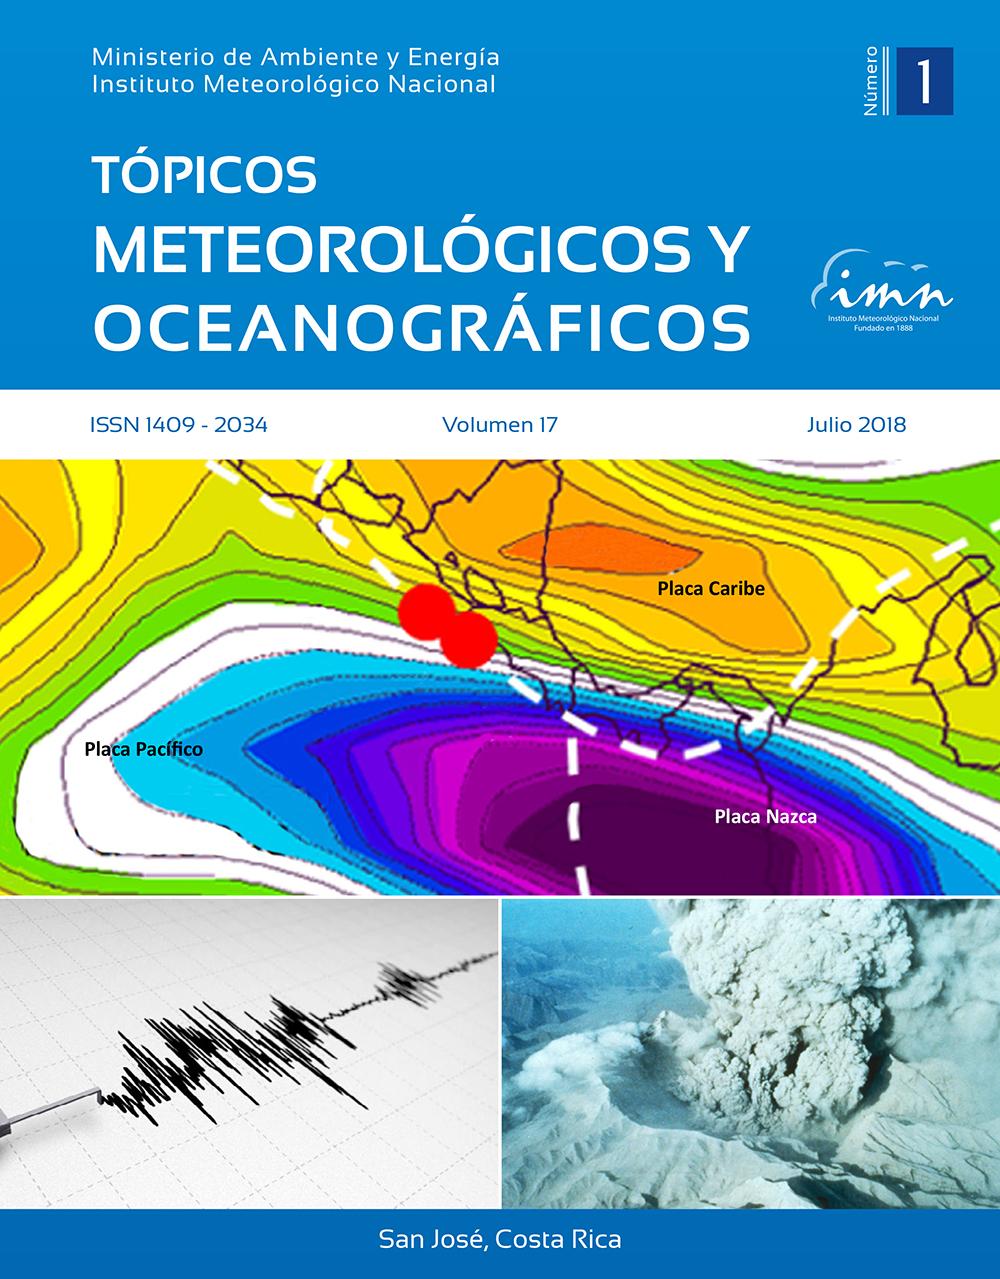 Revista Tópicos Meteorológicos, Vol. 17-1, 2018